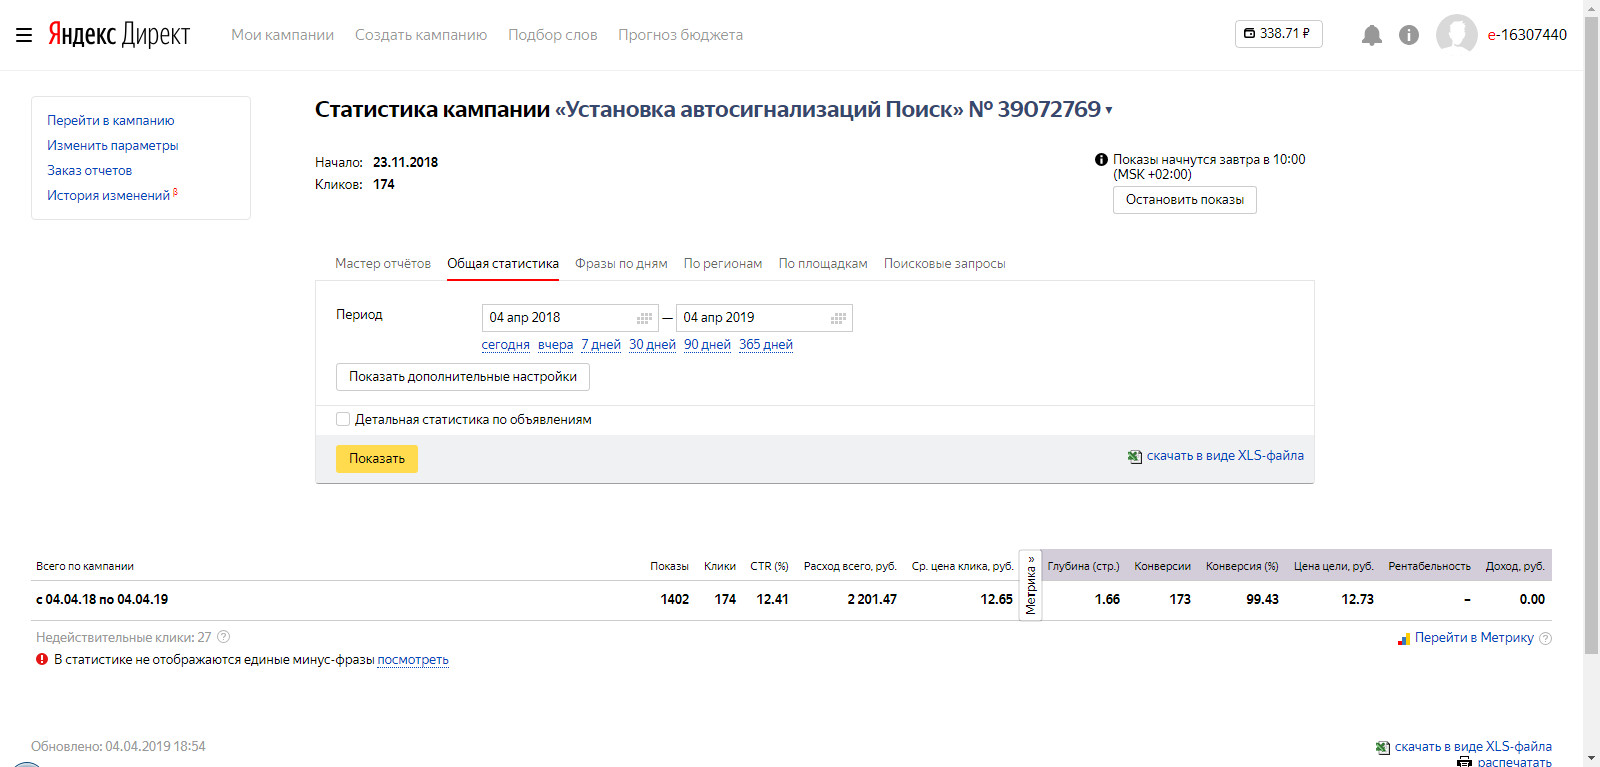 Рекламные кампании в Яндекс Директ и Google AdWords. Тематика: Центр автодиагностики и автоэлектрики.